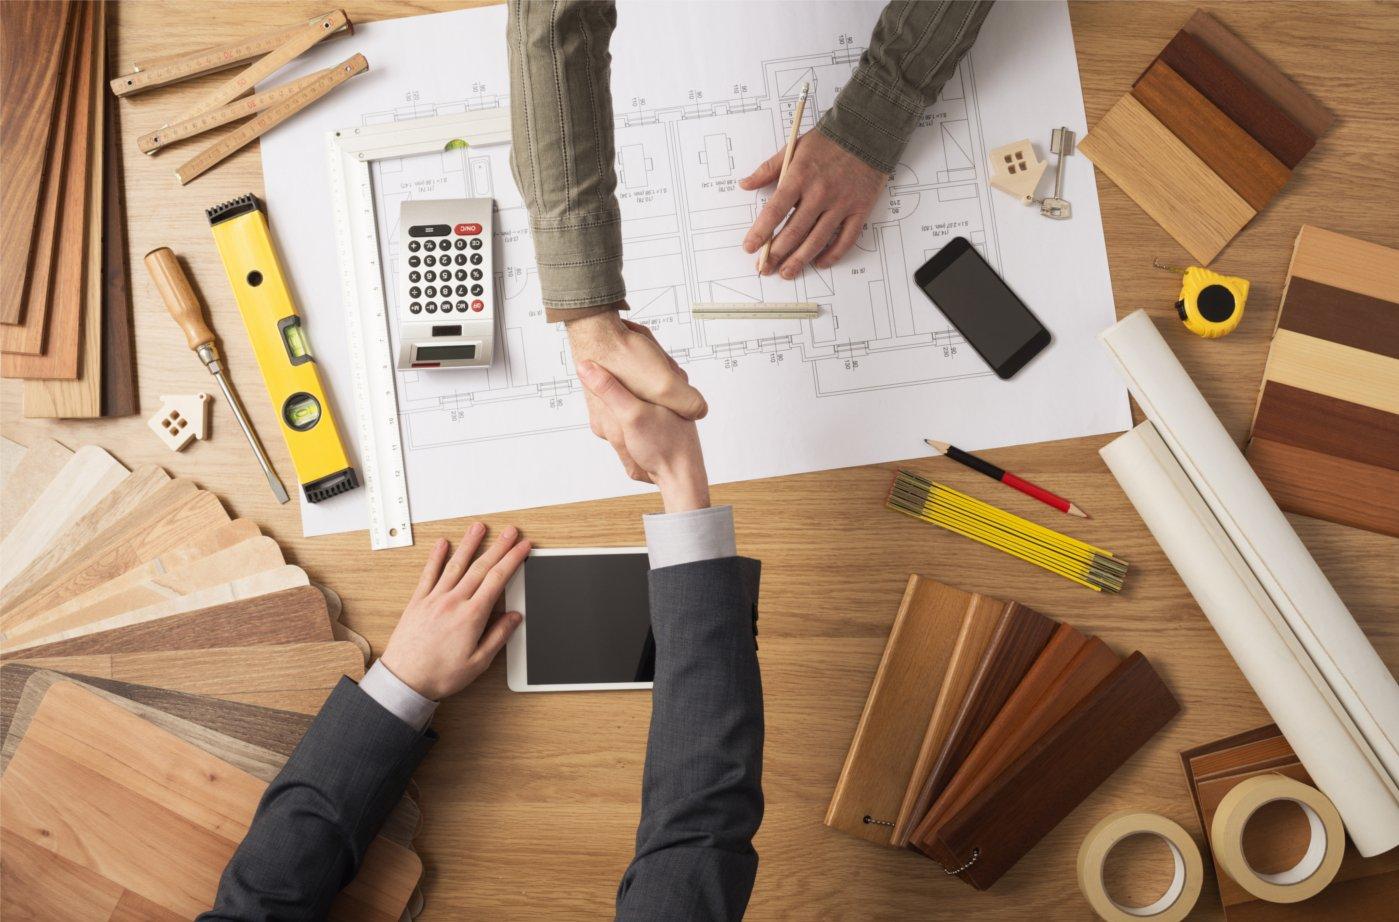 Μελέτες στατικής επάρκειας και αρχιτεκτονικές μελέτες από την AGS Μηχανική